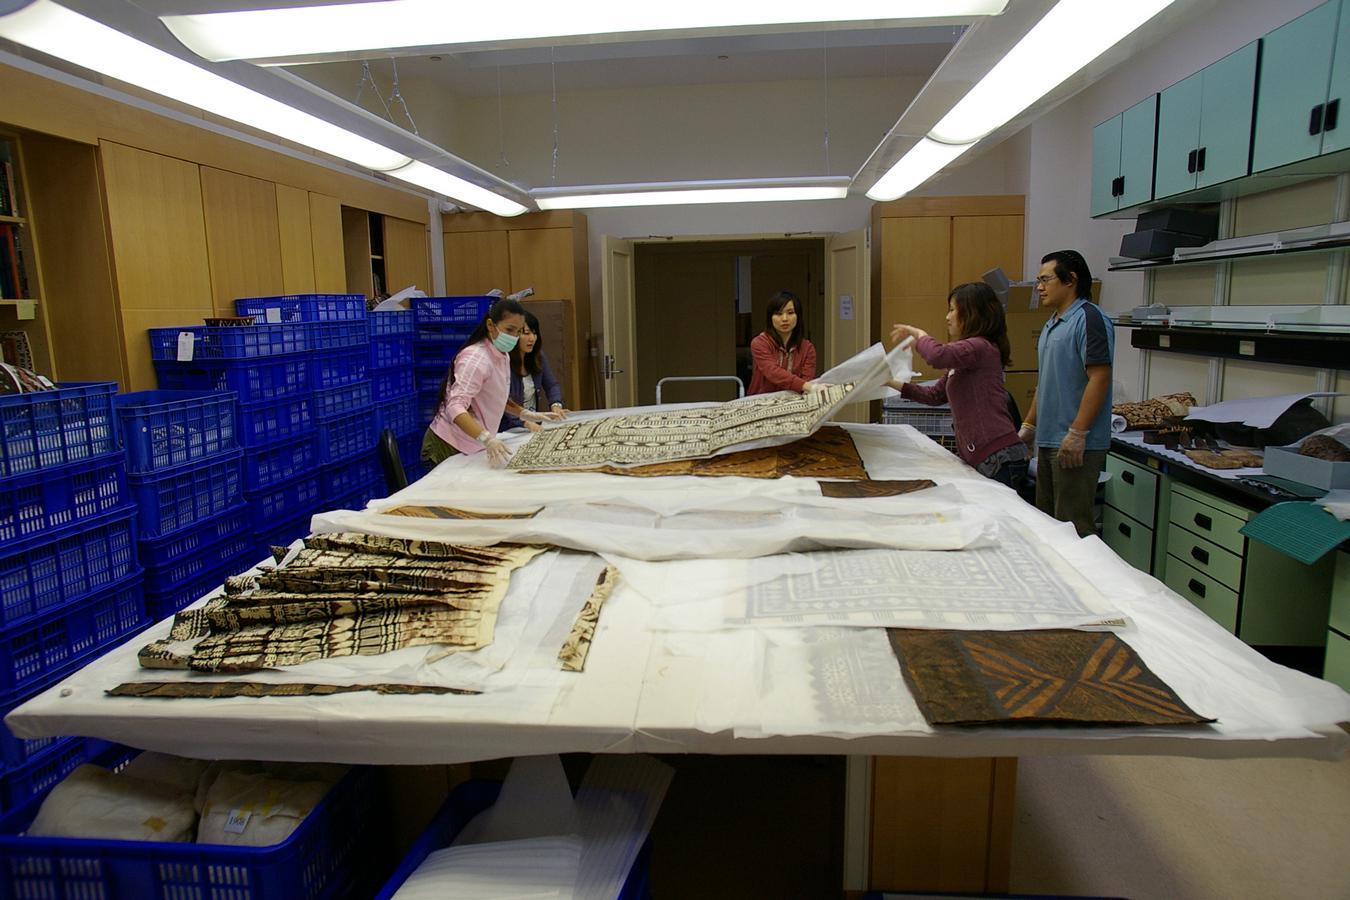 圖11 史前館典藏人員將樹皮布攤平整理